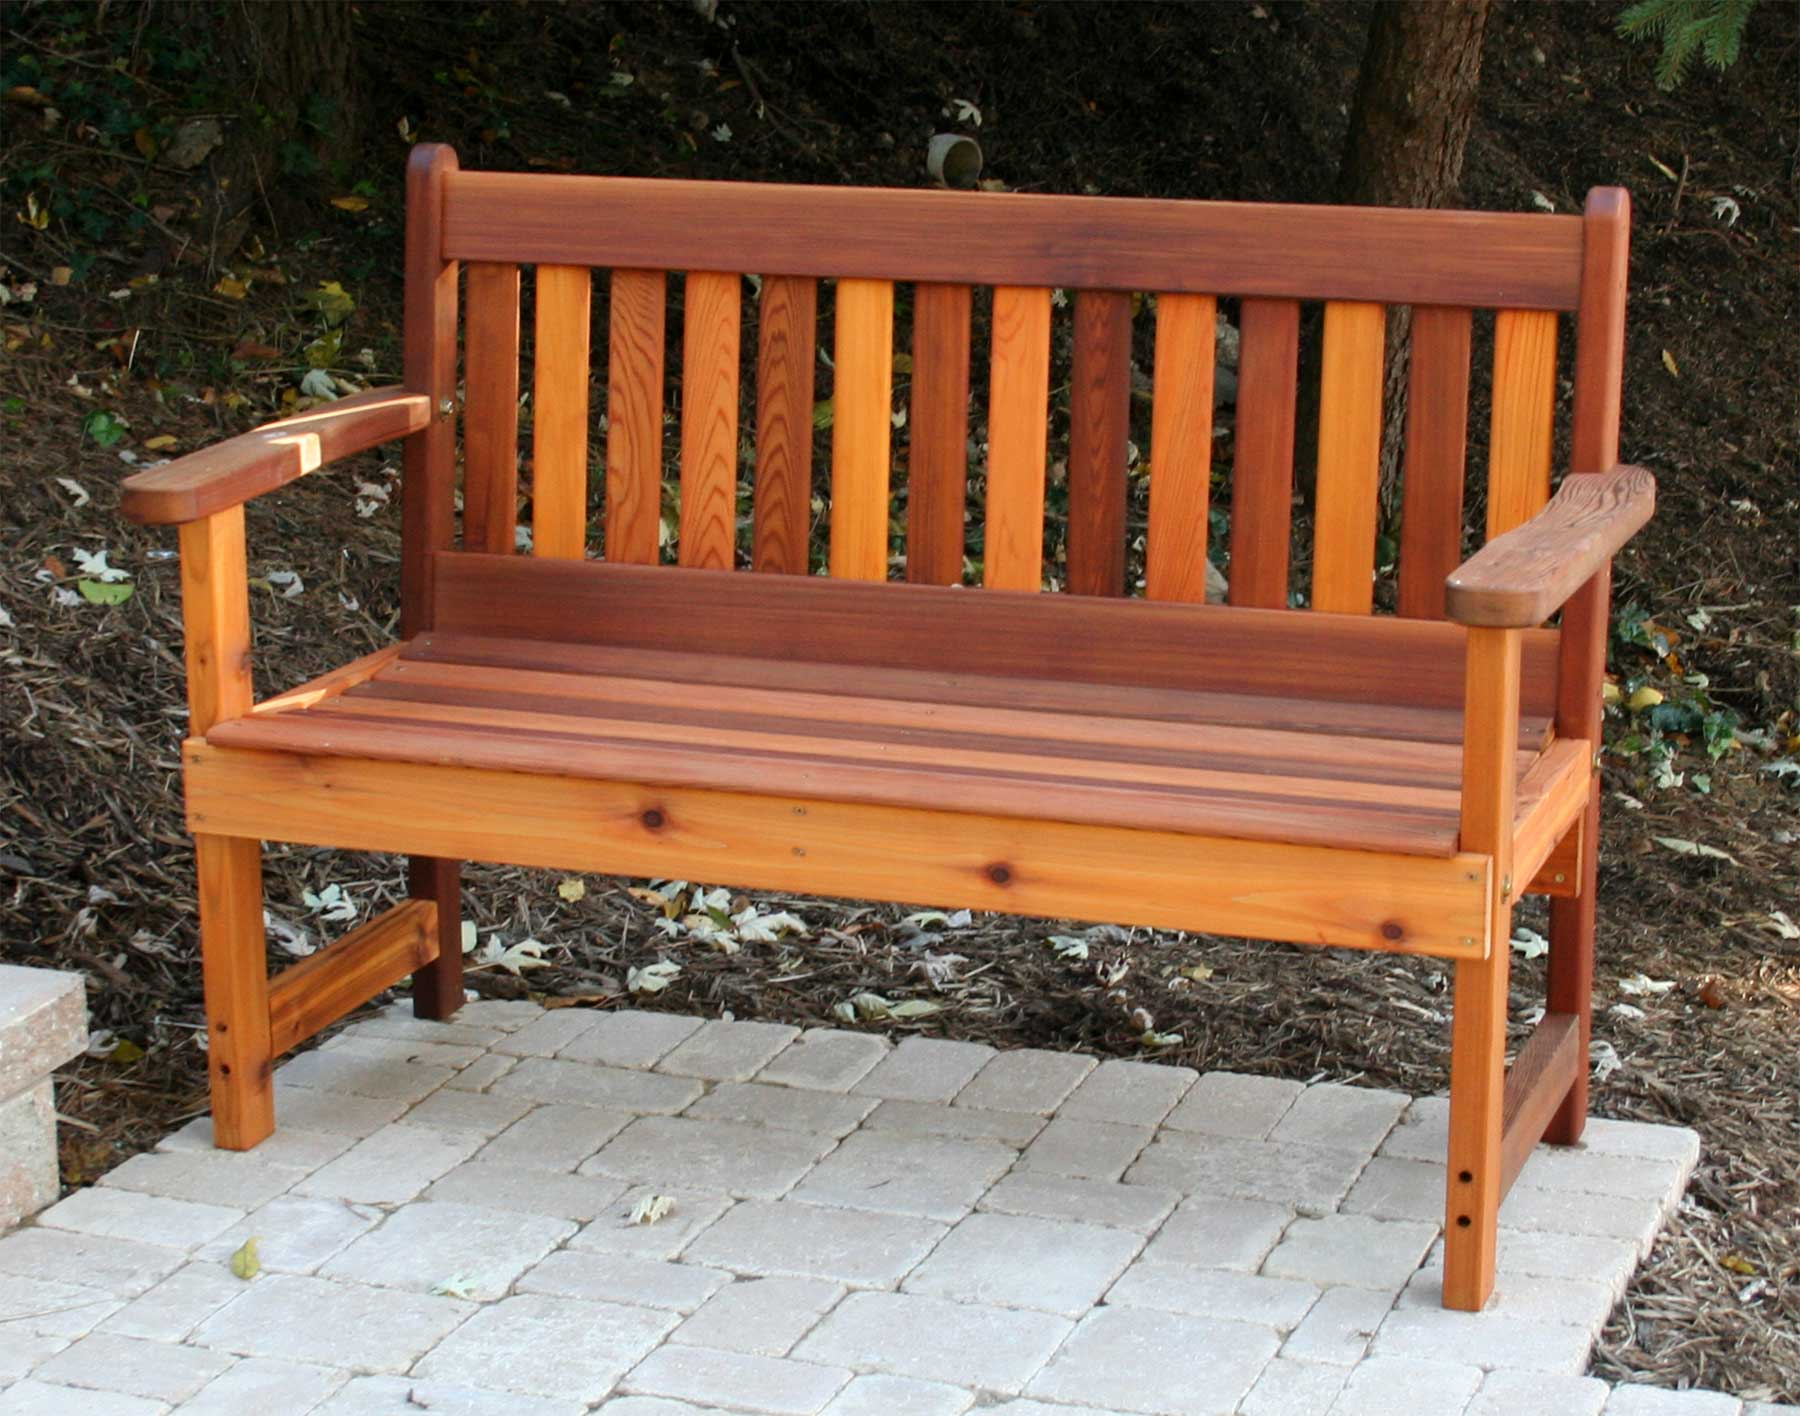 The garden benches of usa